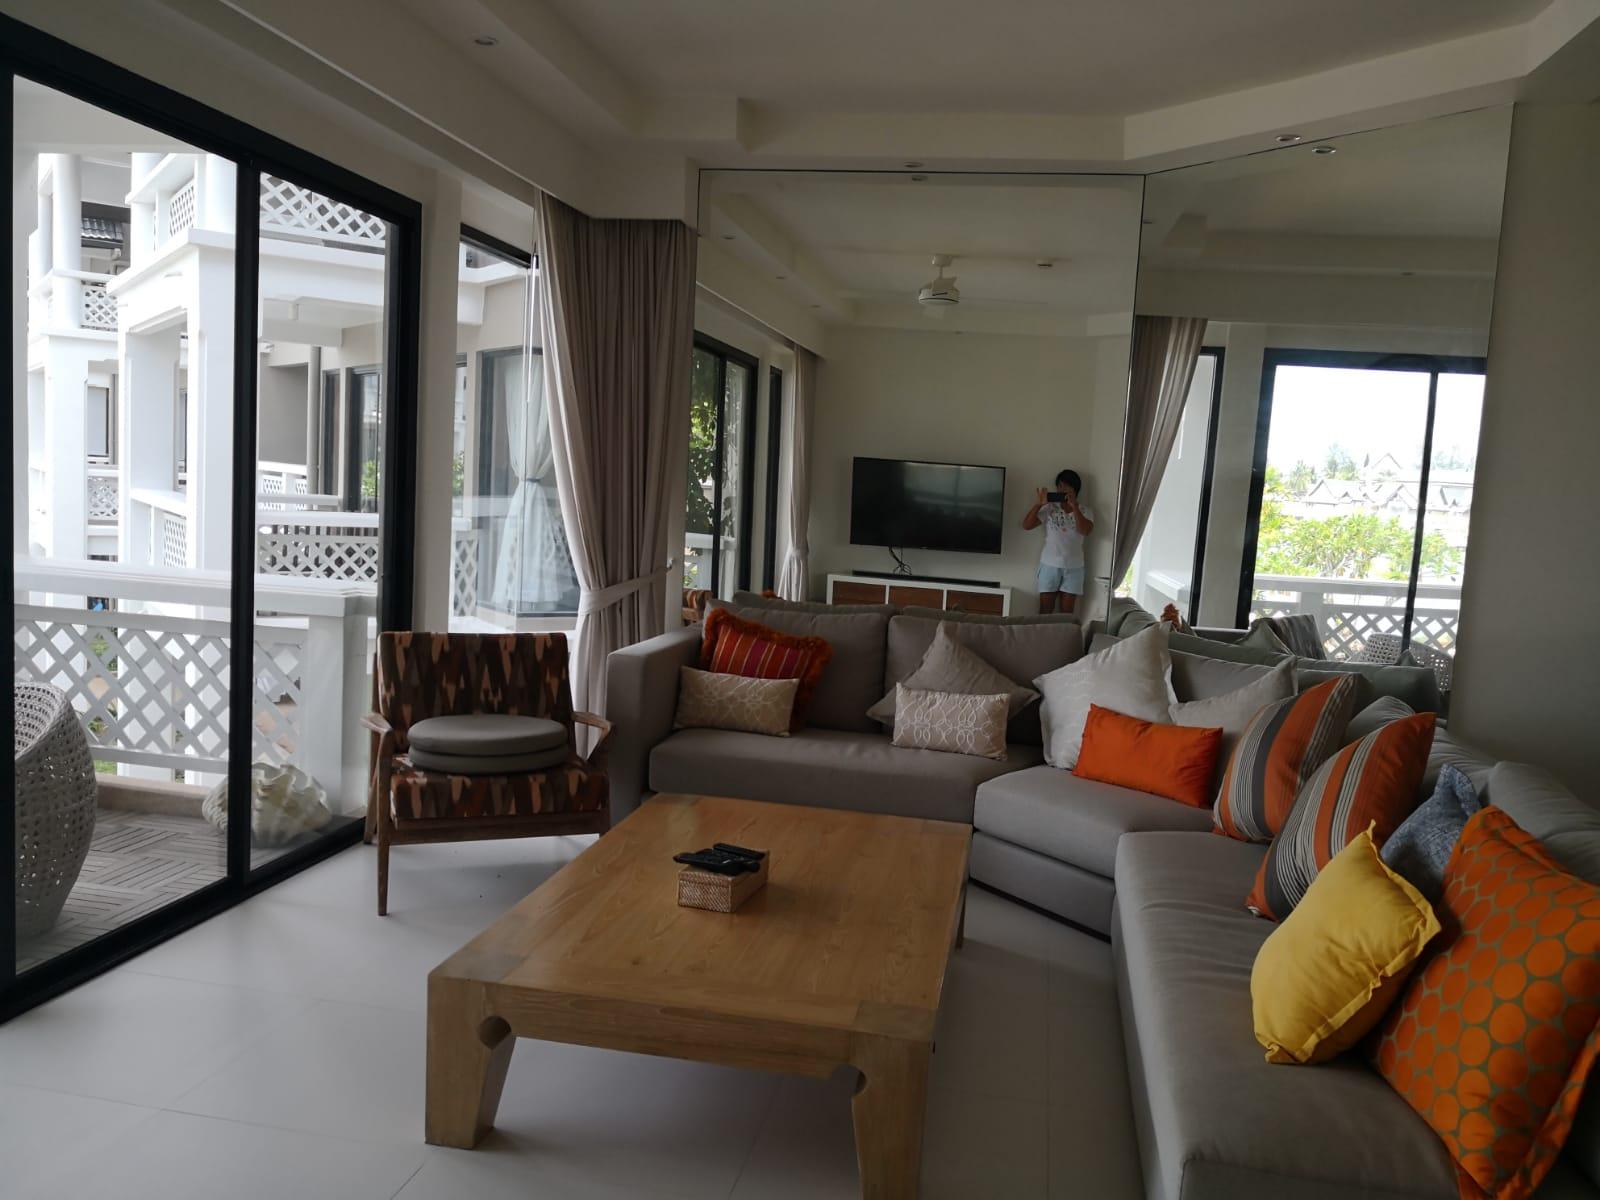 Allamanda 2 Bedroom-1ab5ee98-fa15-47d9-825d-fd614d8d176c.jpg